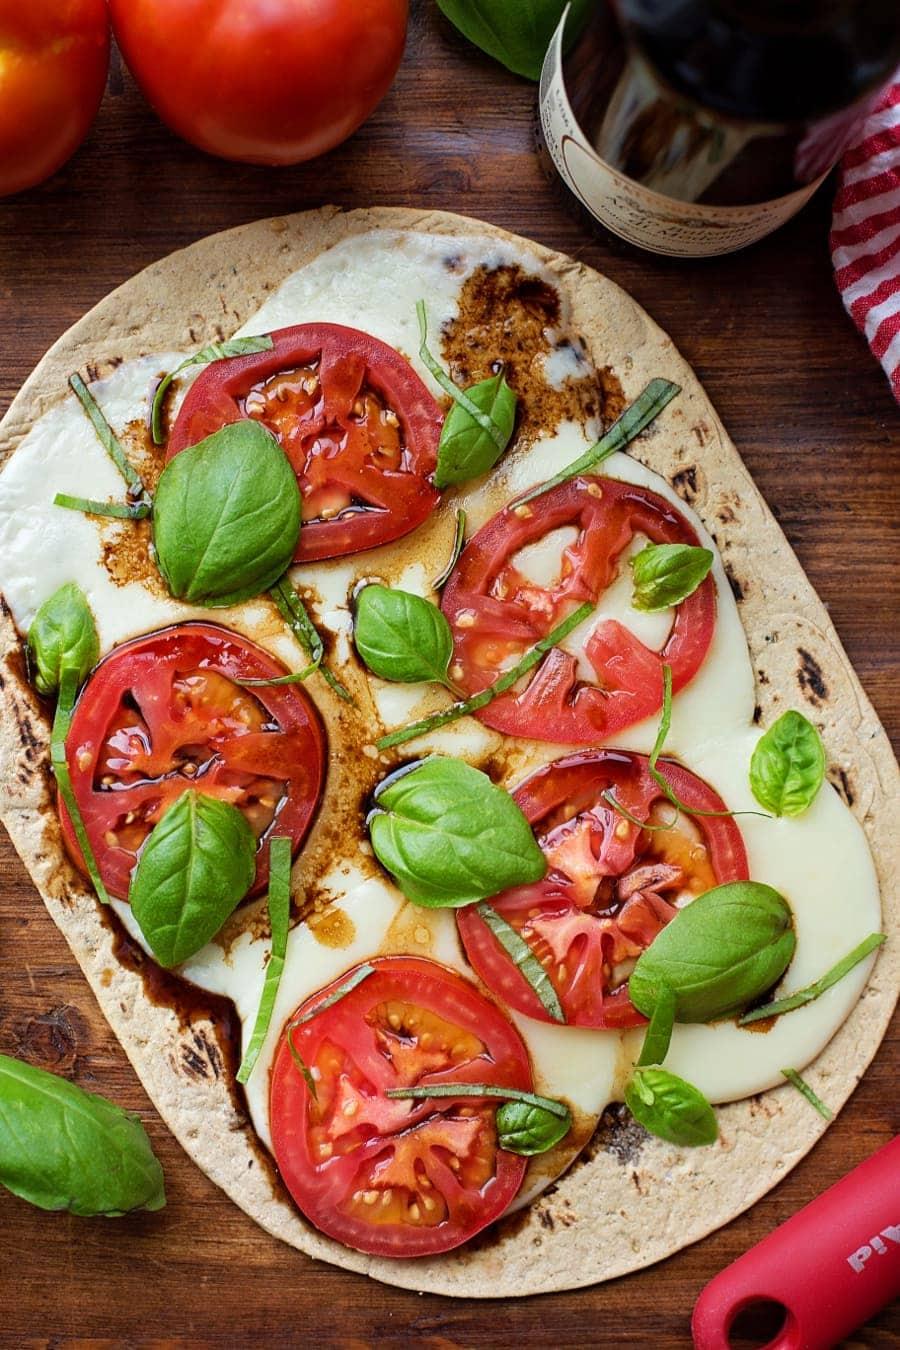 Caprese Flatbread Pizza - mozzarella, tomato, basil and balsamic vinegar!